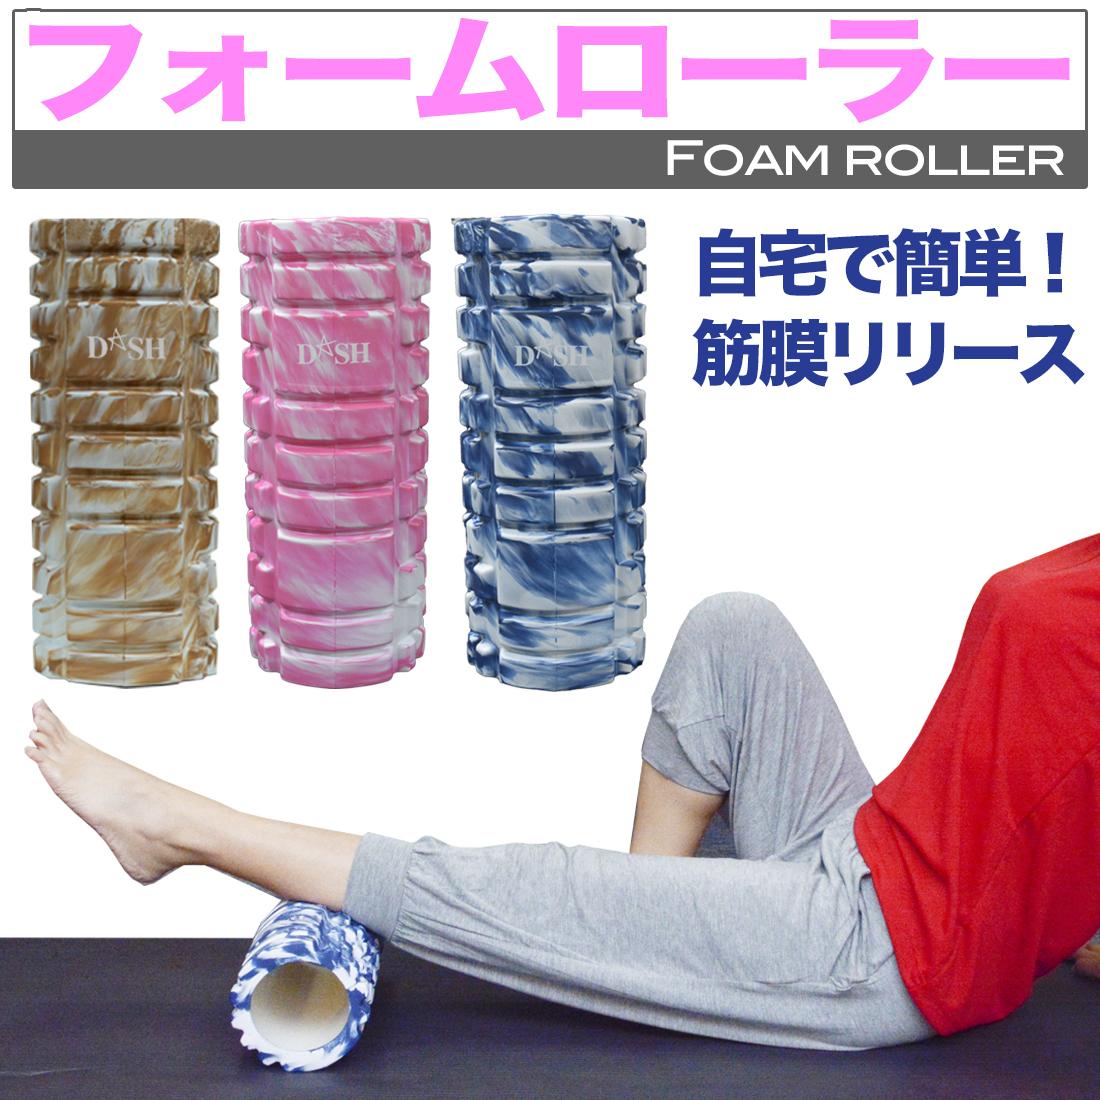 オリジナルカラー 安心のDASH製品 レビューでプレゼント ヨガ yoga 一部予約 フォームローラー 筋膜リリース ヨガポール こり解消 肩こり 筋膜はがし 足裏 可愛い 体幹 新商品 むくみ解消 ストレッチローラー 凸凹 マッサージ ストレッチ おしゃれ ストレッチポール ピンポイント